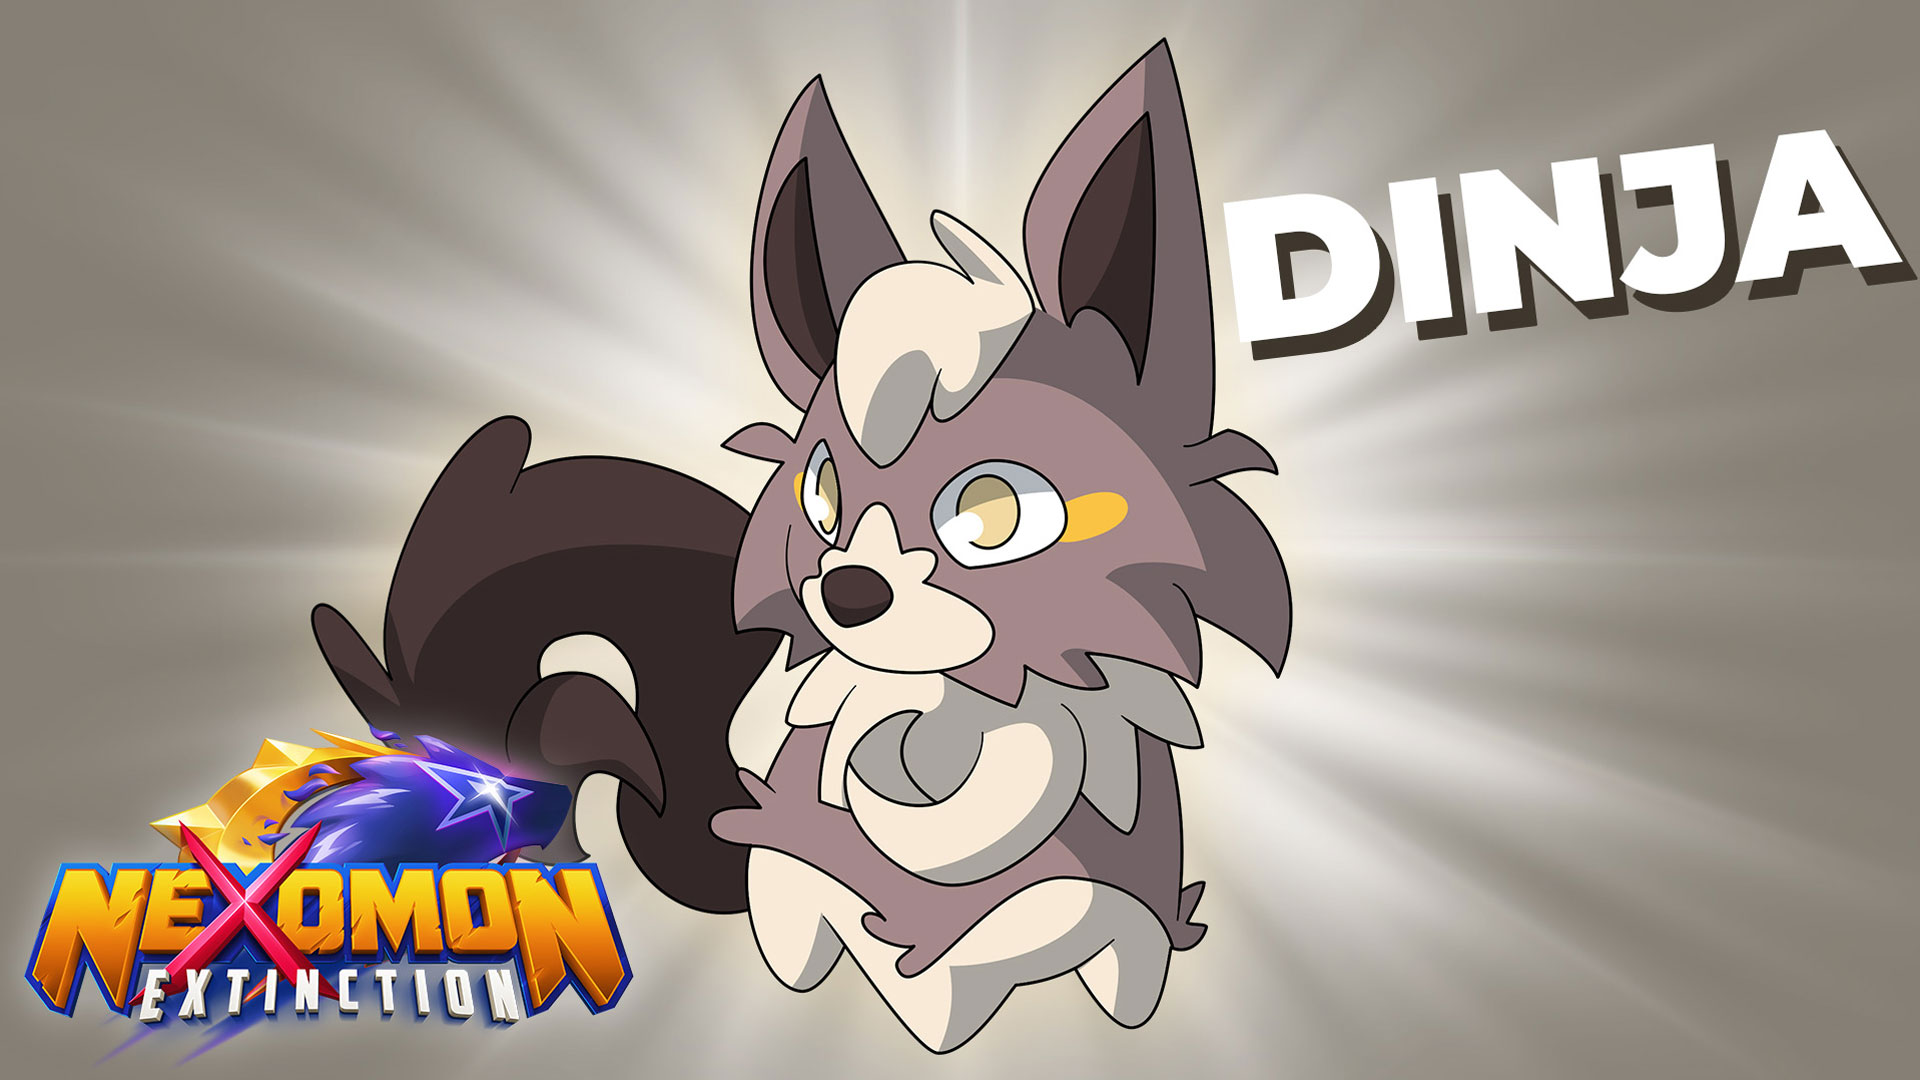 Dinja ist ein der Starter-Nexomon des Spiels Nexomon Extinction